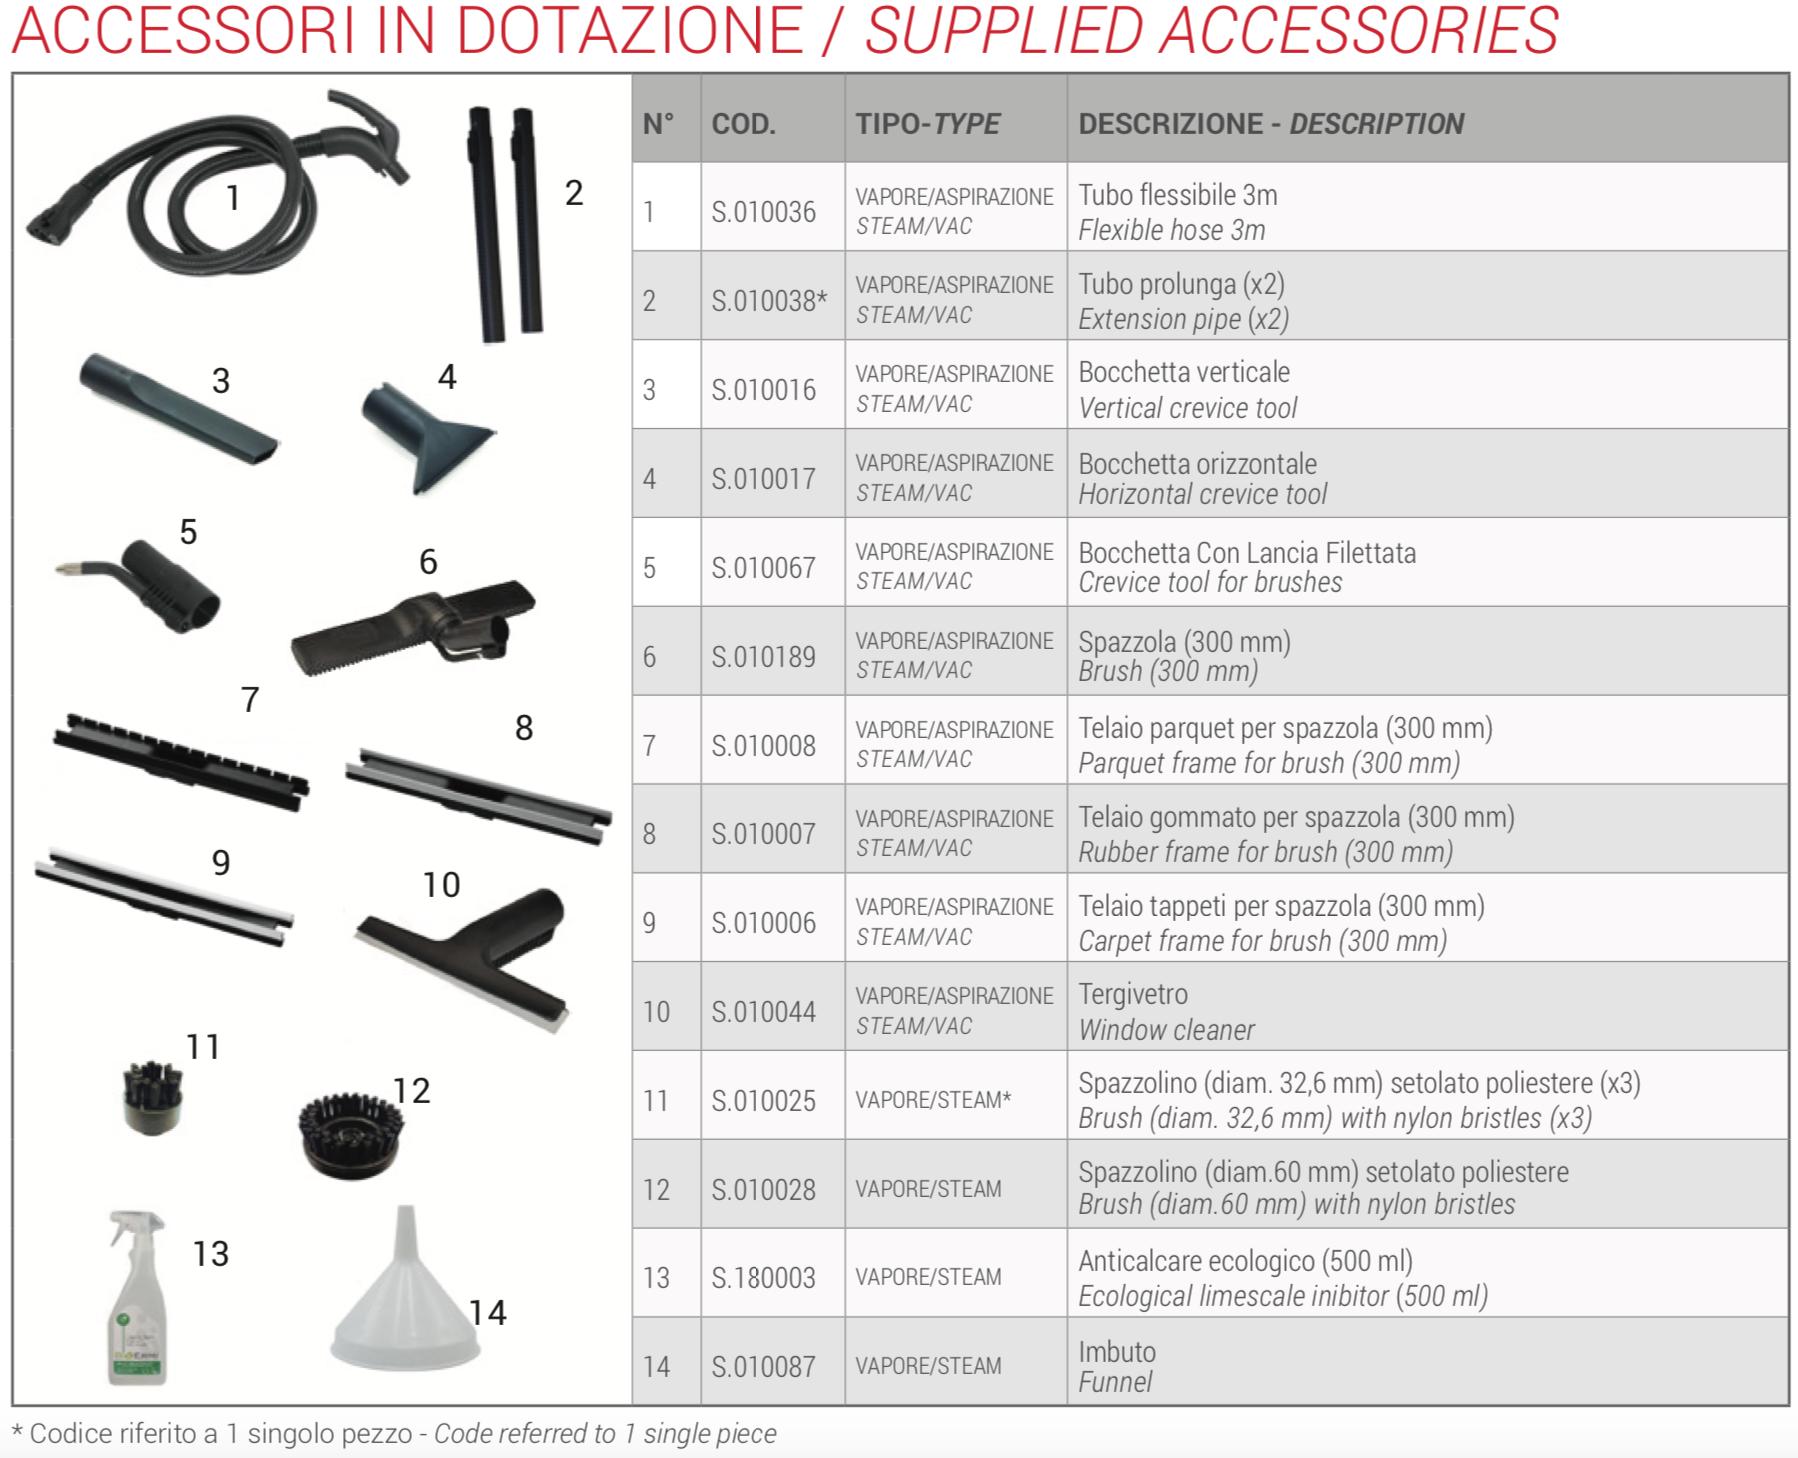 libra-vapore-accessori-dotazione.png